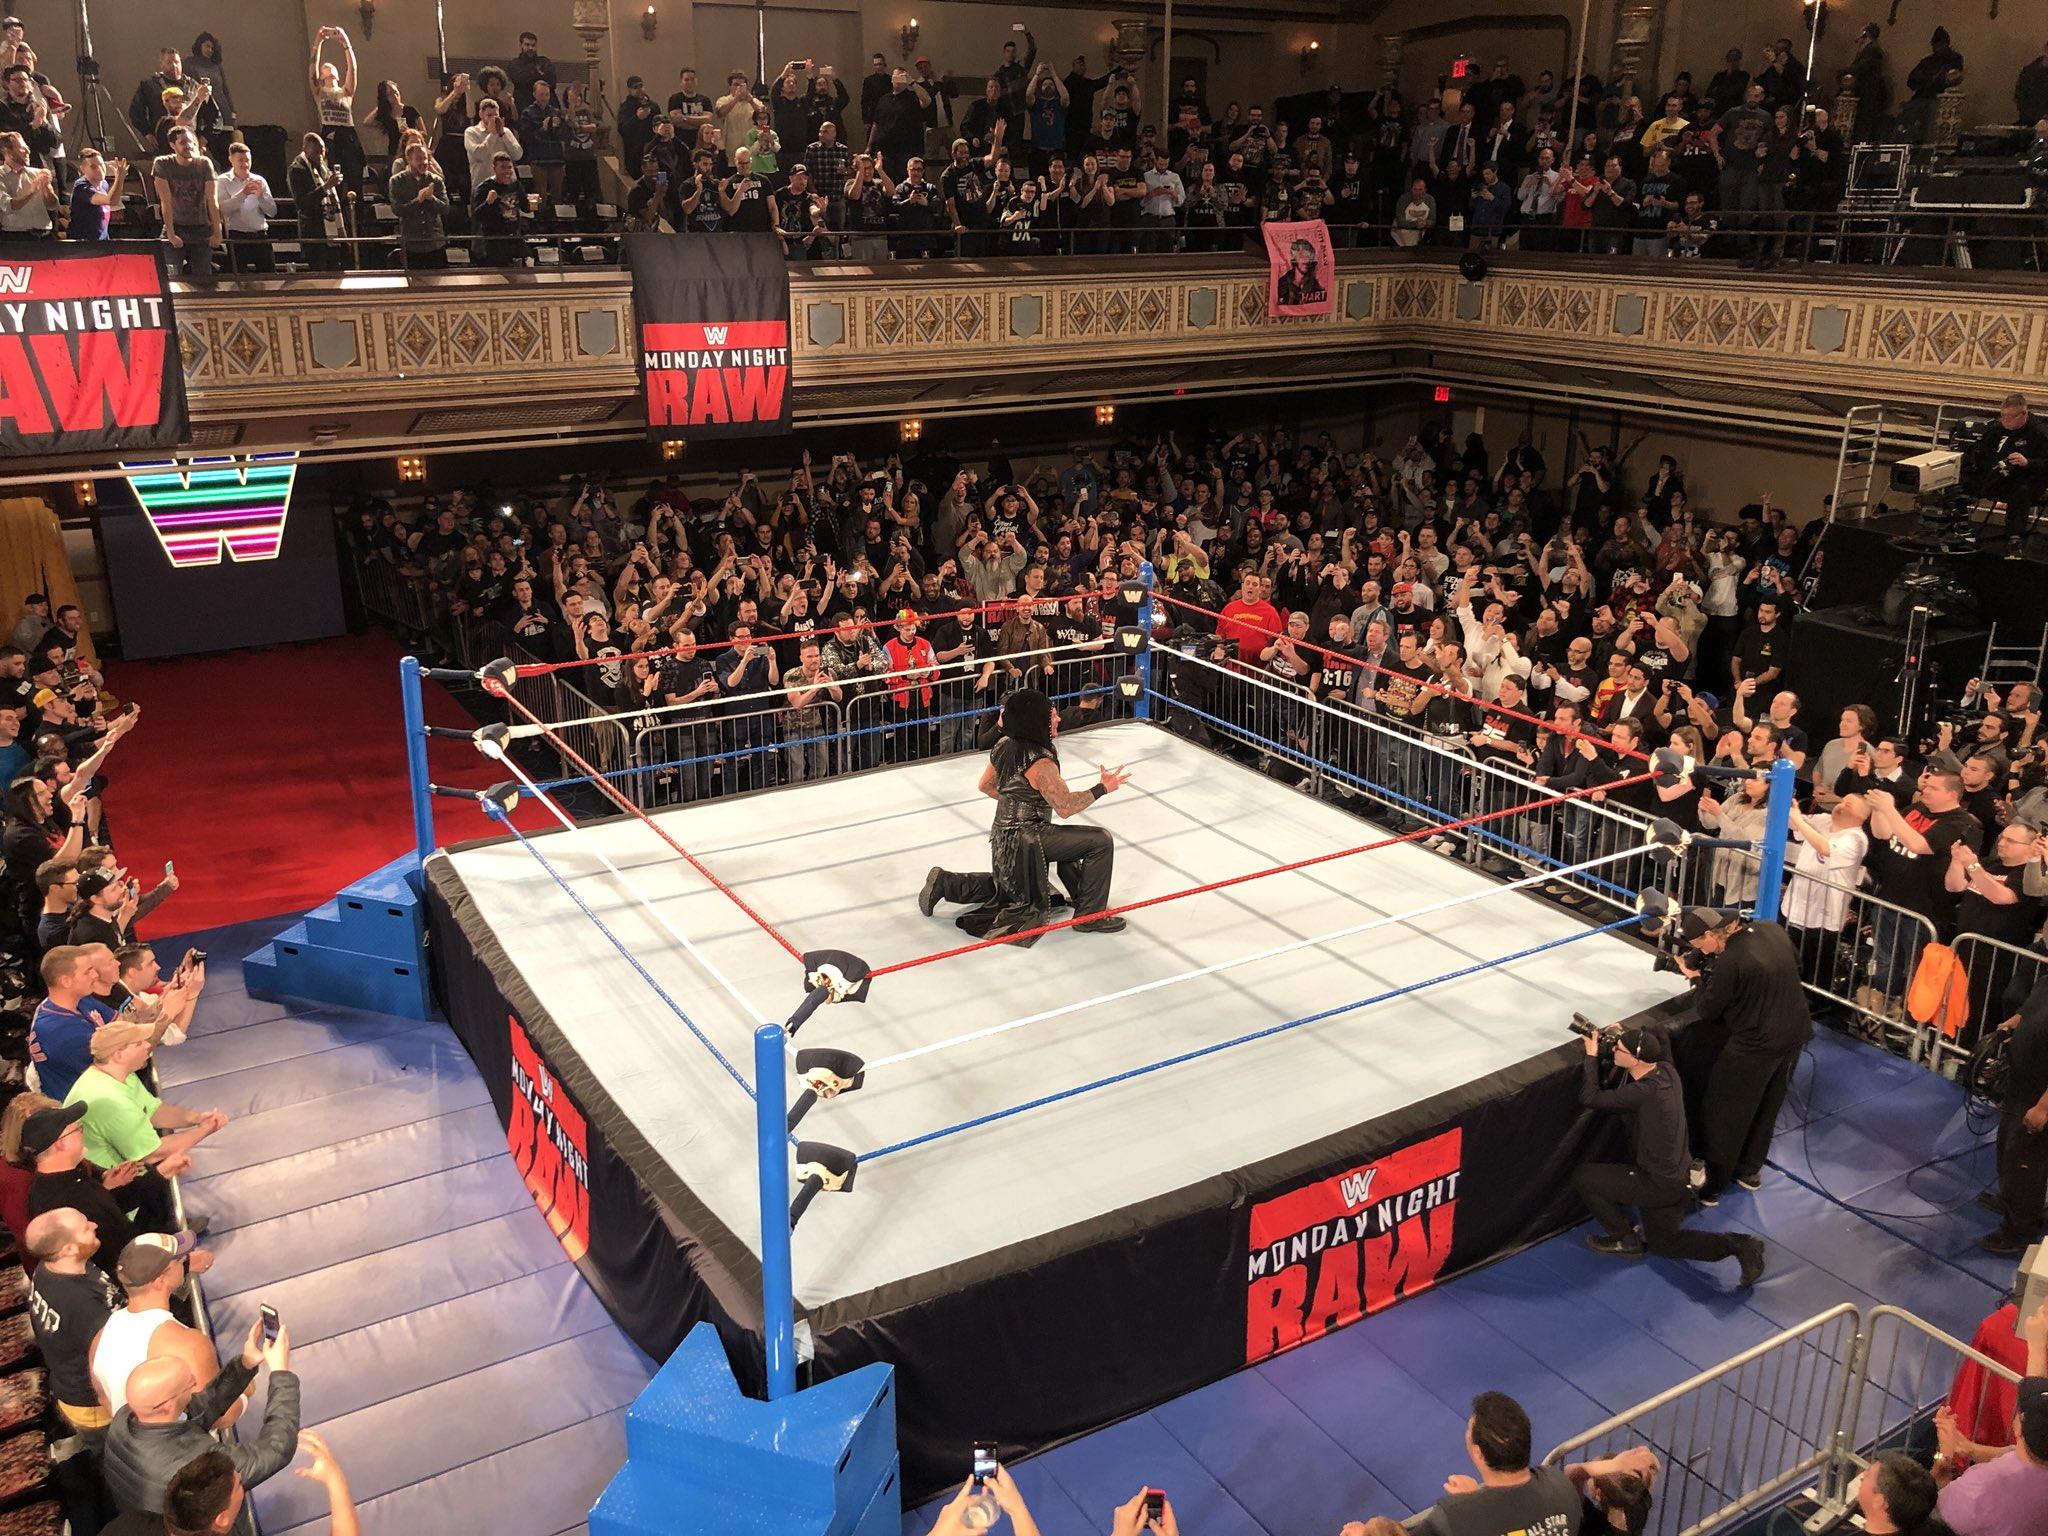 Resultados Monday Night Raw (22-en-18) — ¡25 Aniversario! 23